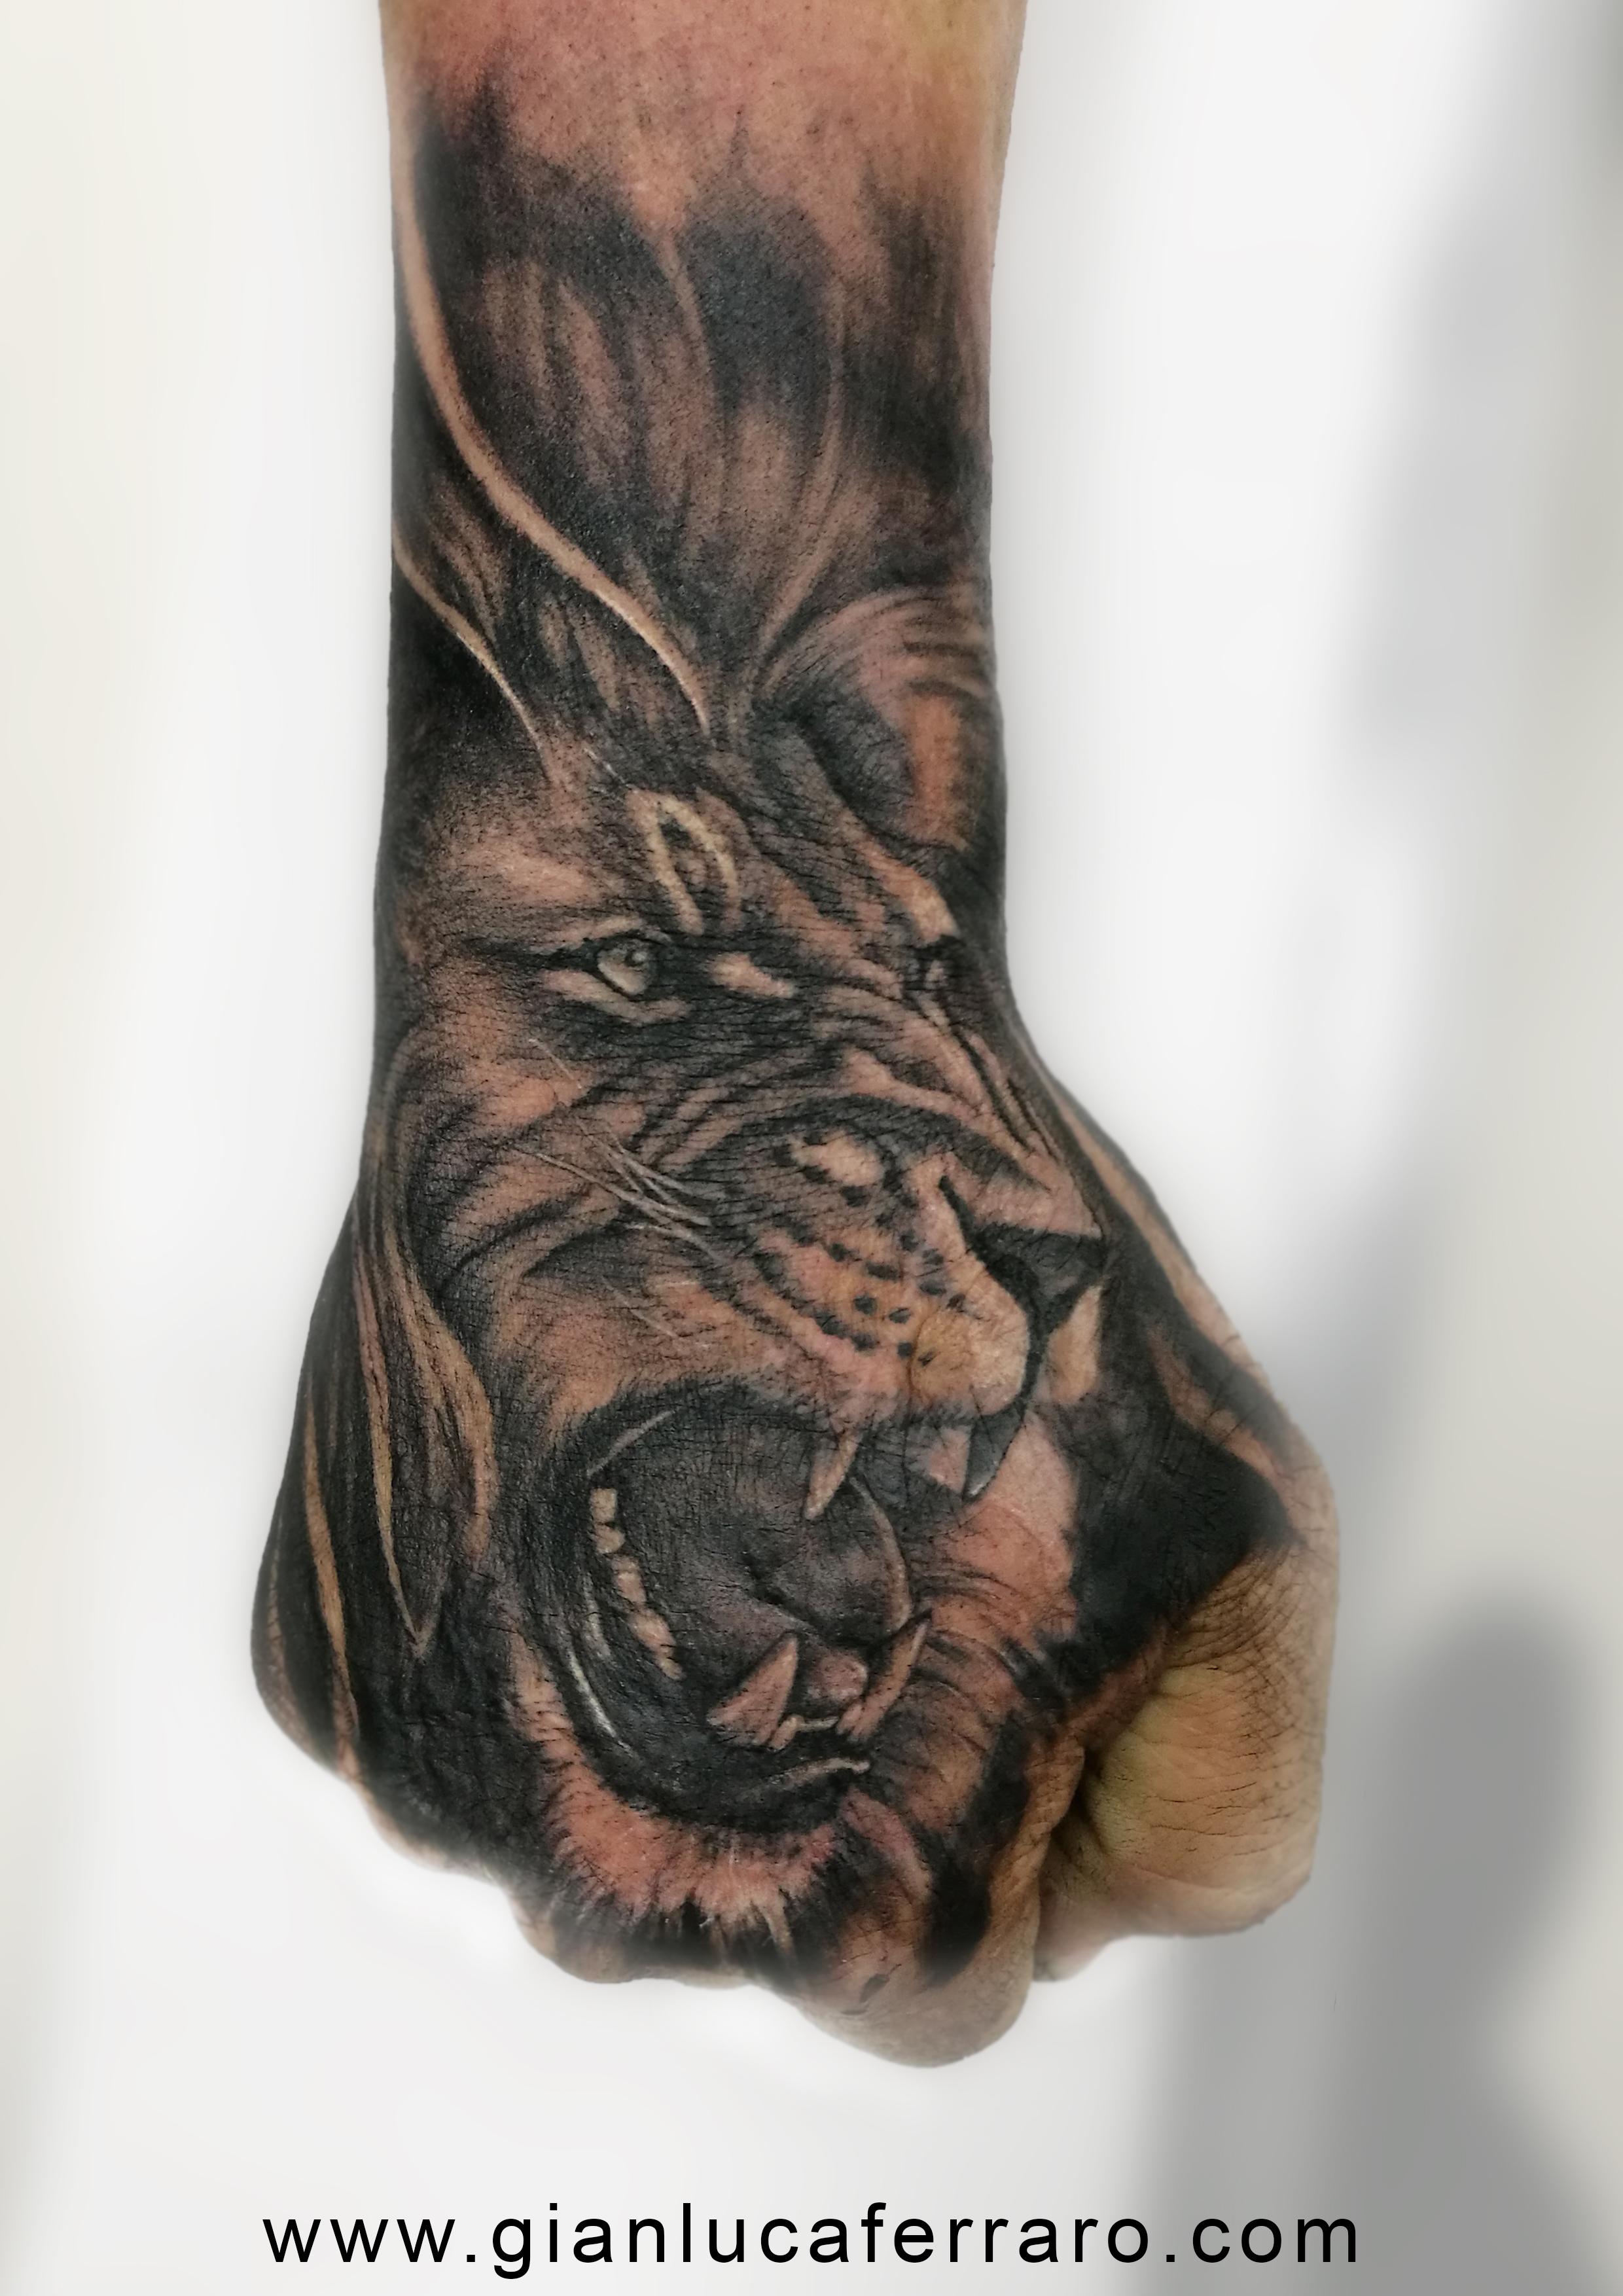 guest 13 - gianluca ferraro tattoo